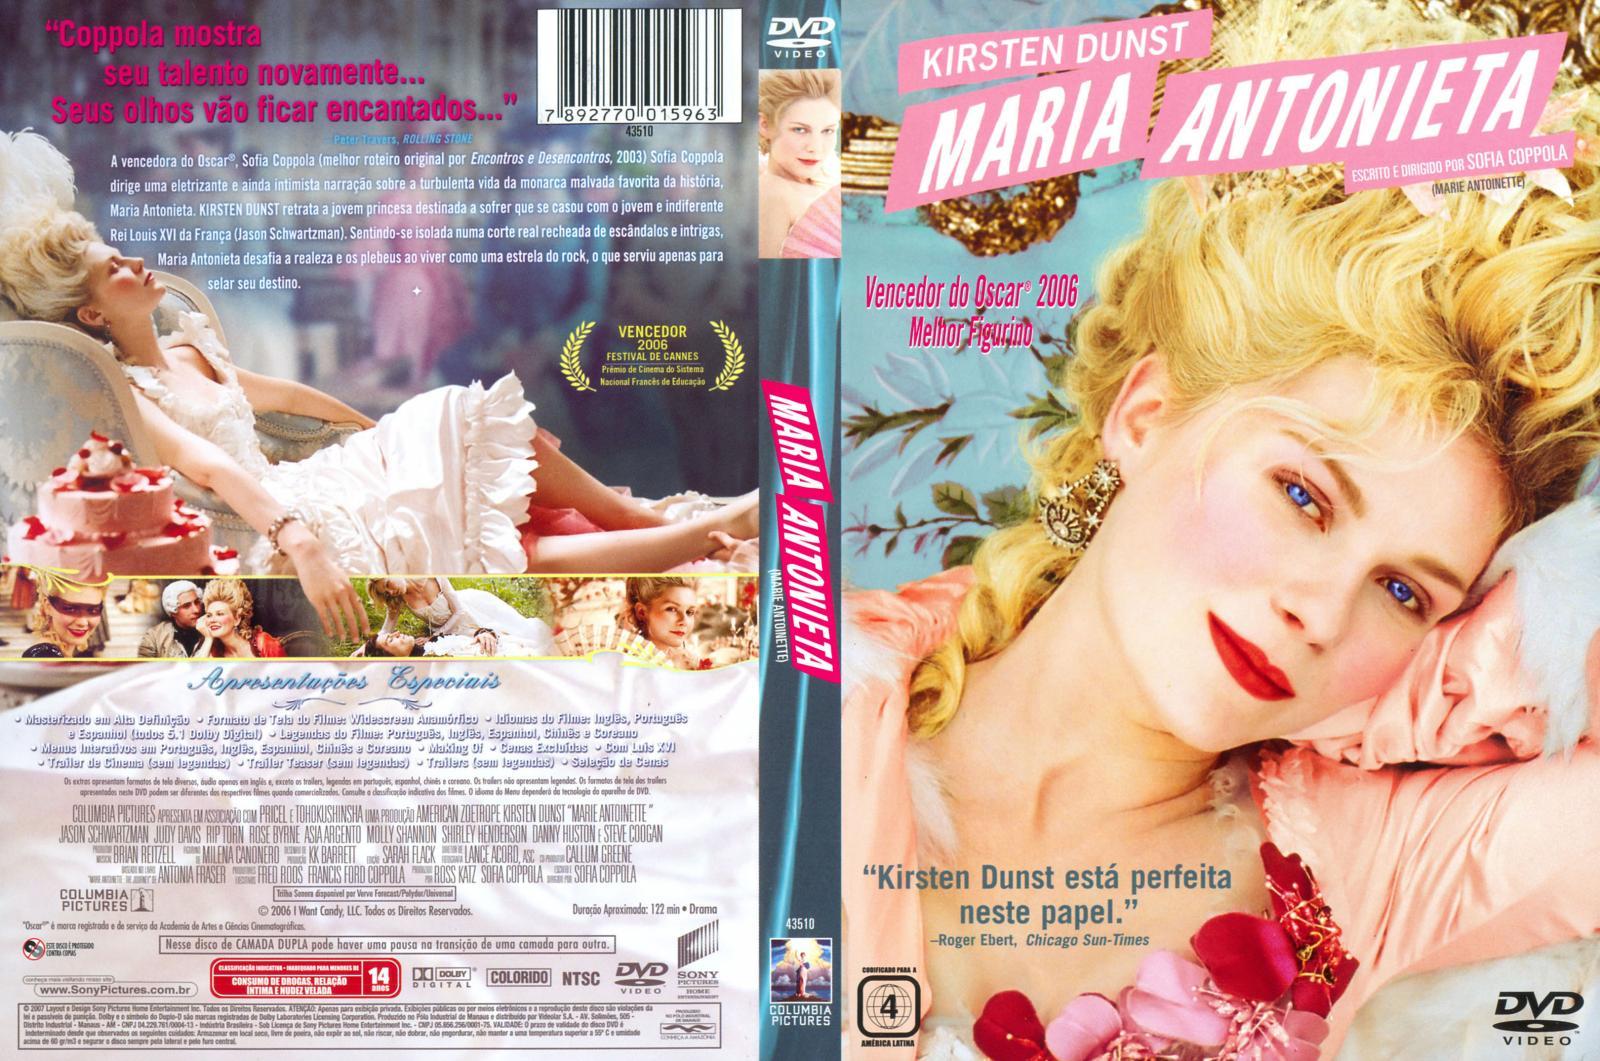 http://3.bp.blogspot.com/_GqpLe7EsmXI/S7Cgo-vBZ8I/AAAAAAAAAA0/tQY7tDAYFzo/s1600/Maria_Antonieta.jpg